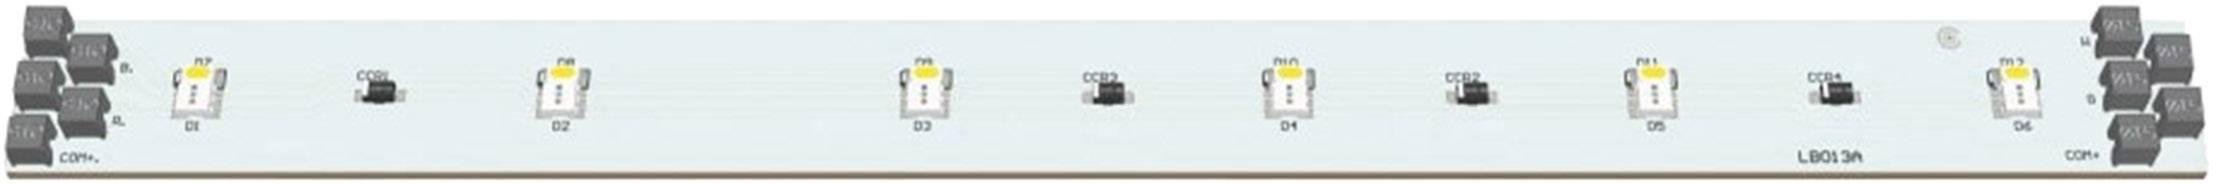 LED modul Barthelme 50752036, 120 °, 92 lm, 2.88 W, 24 V, RGB, bílá